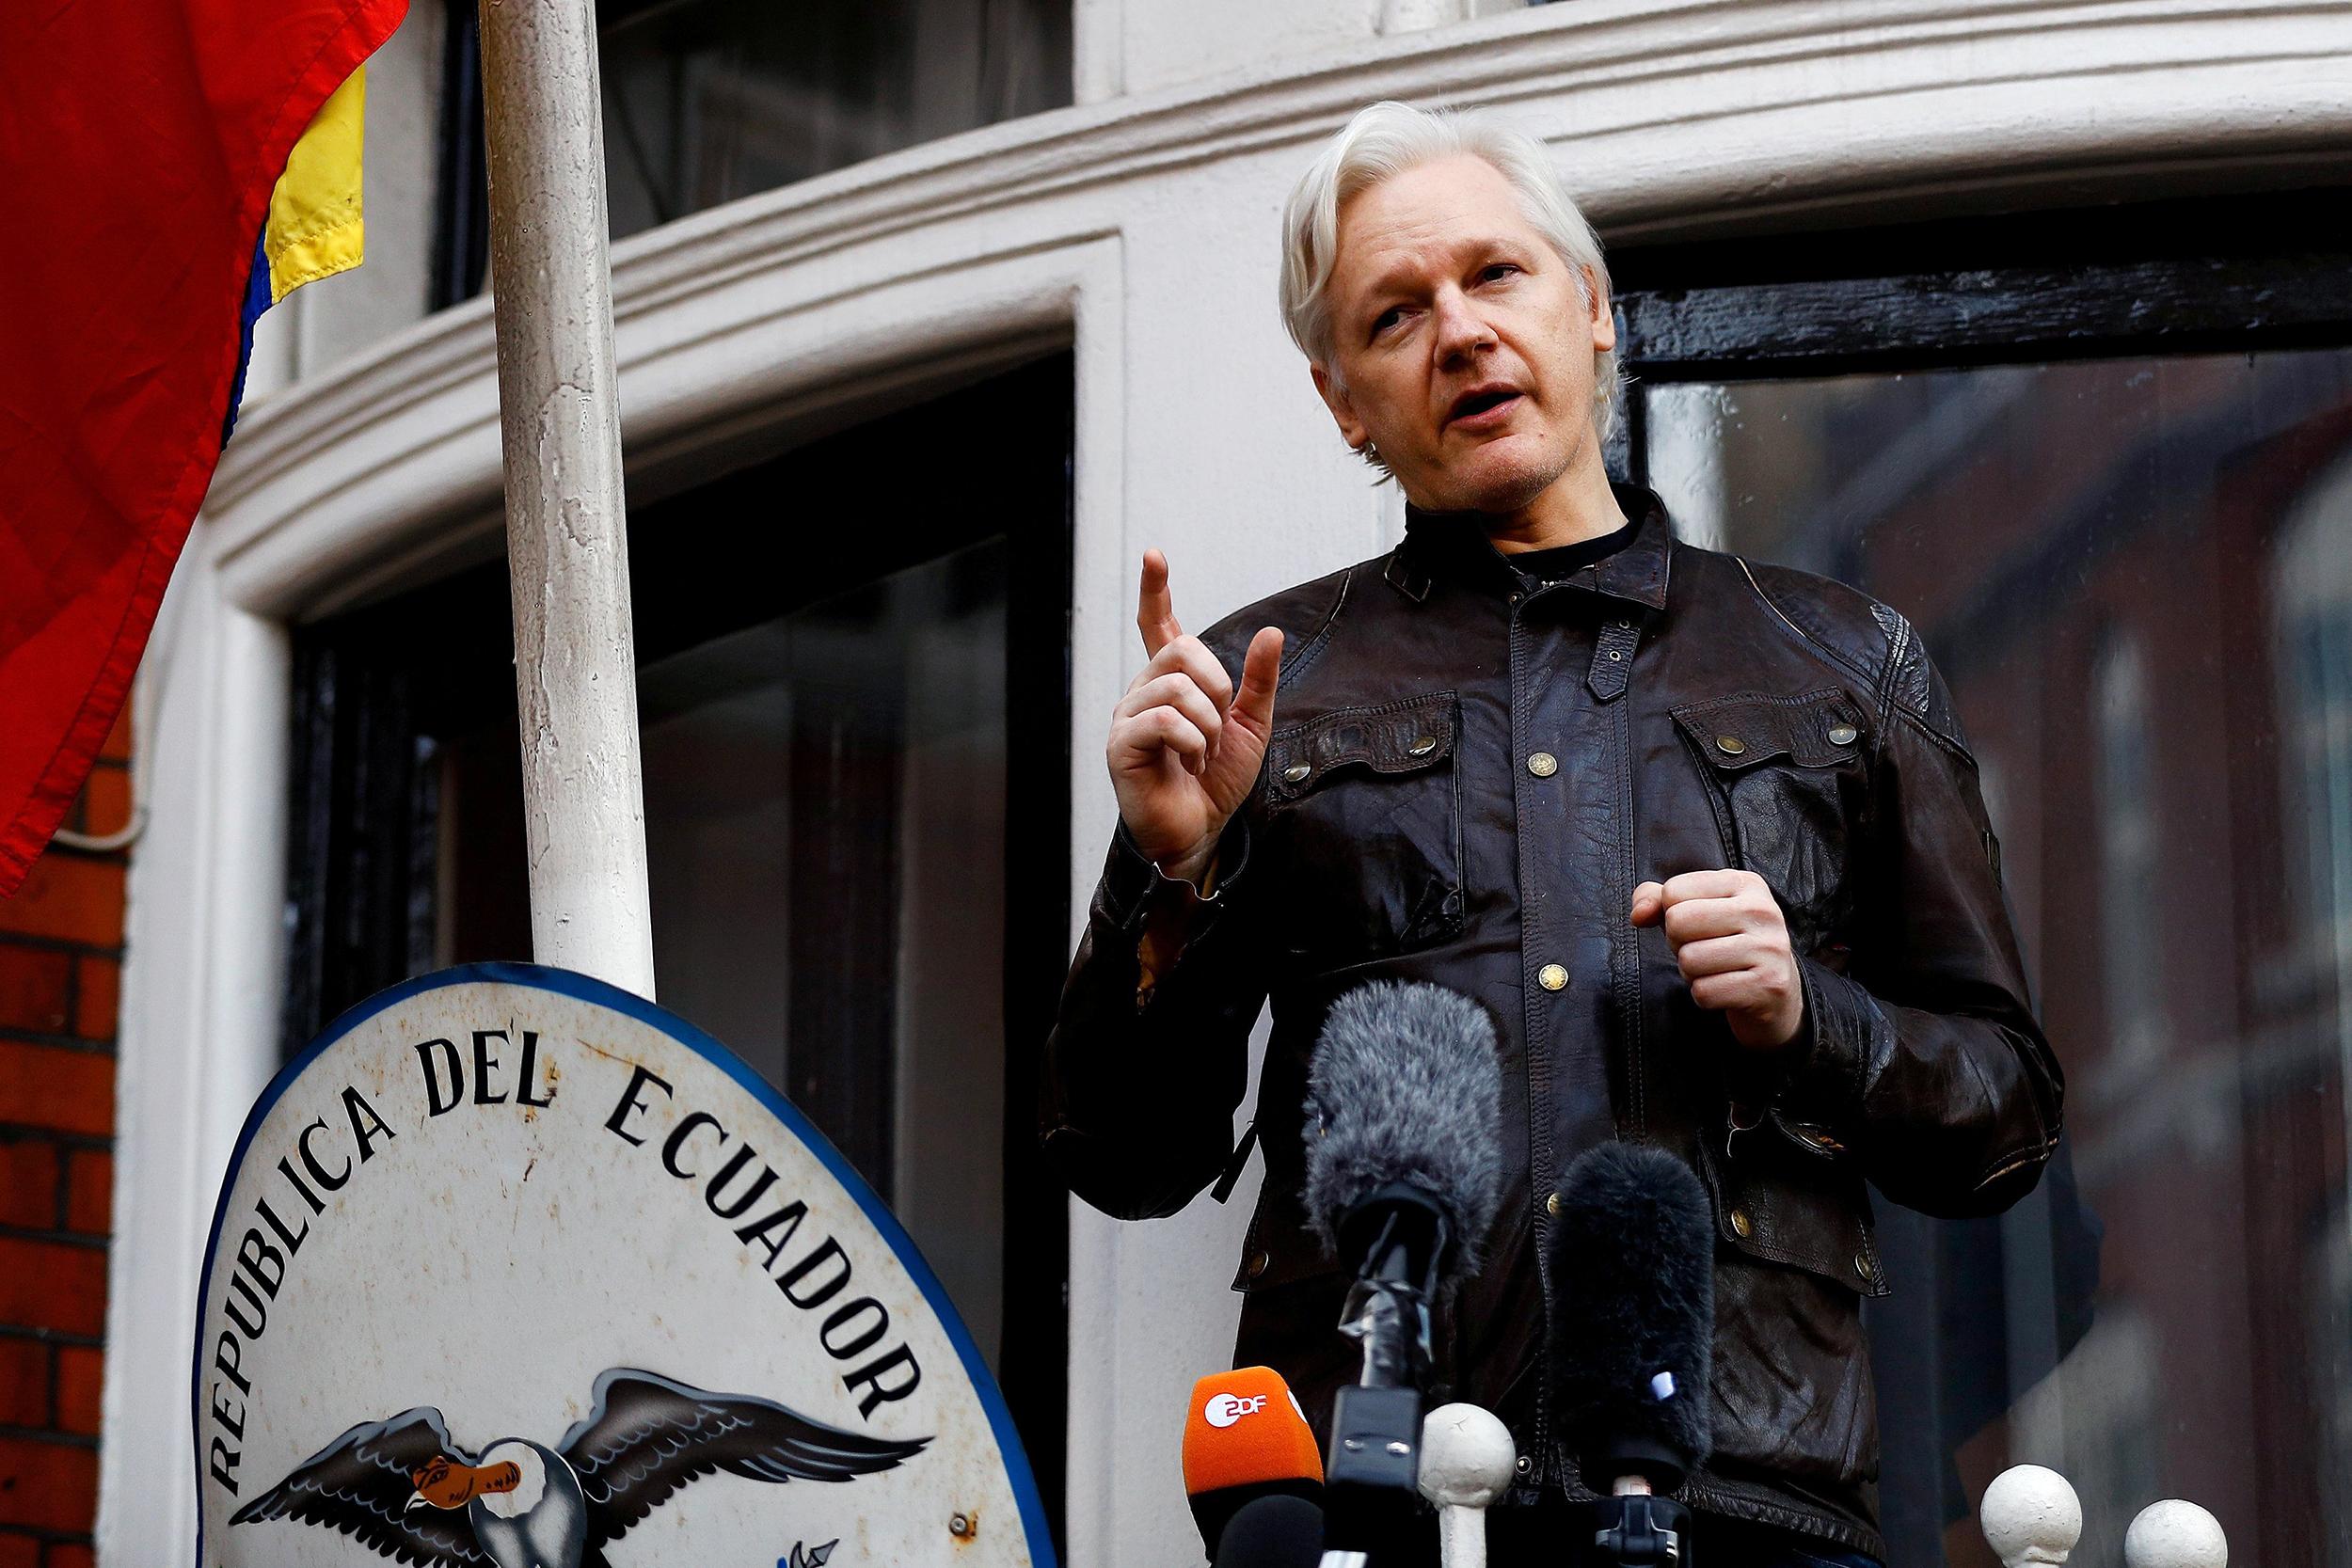 Julian Assange is Ecuadorian now